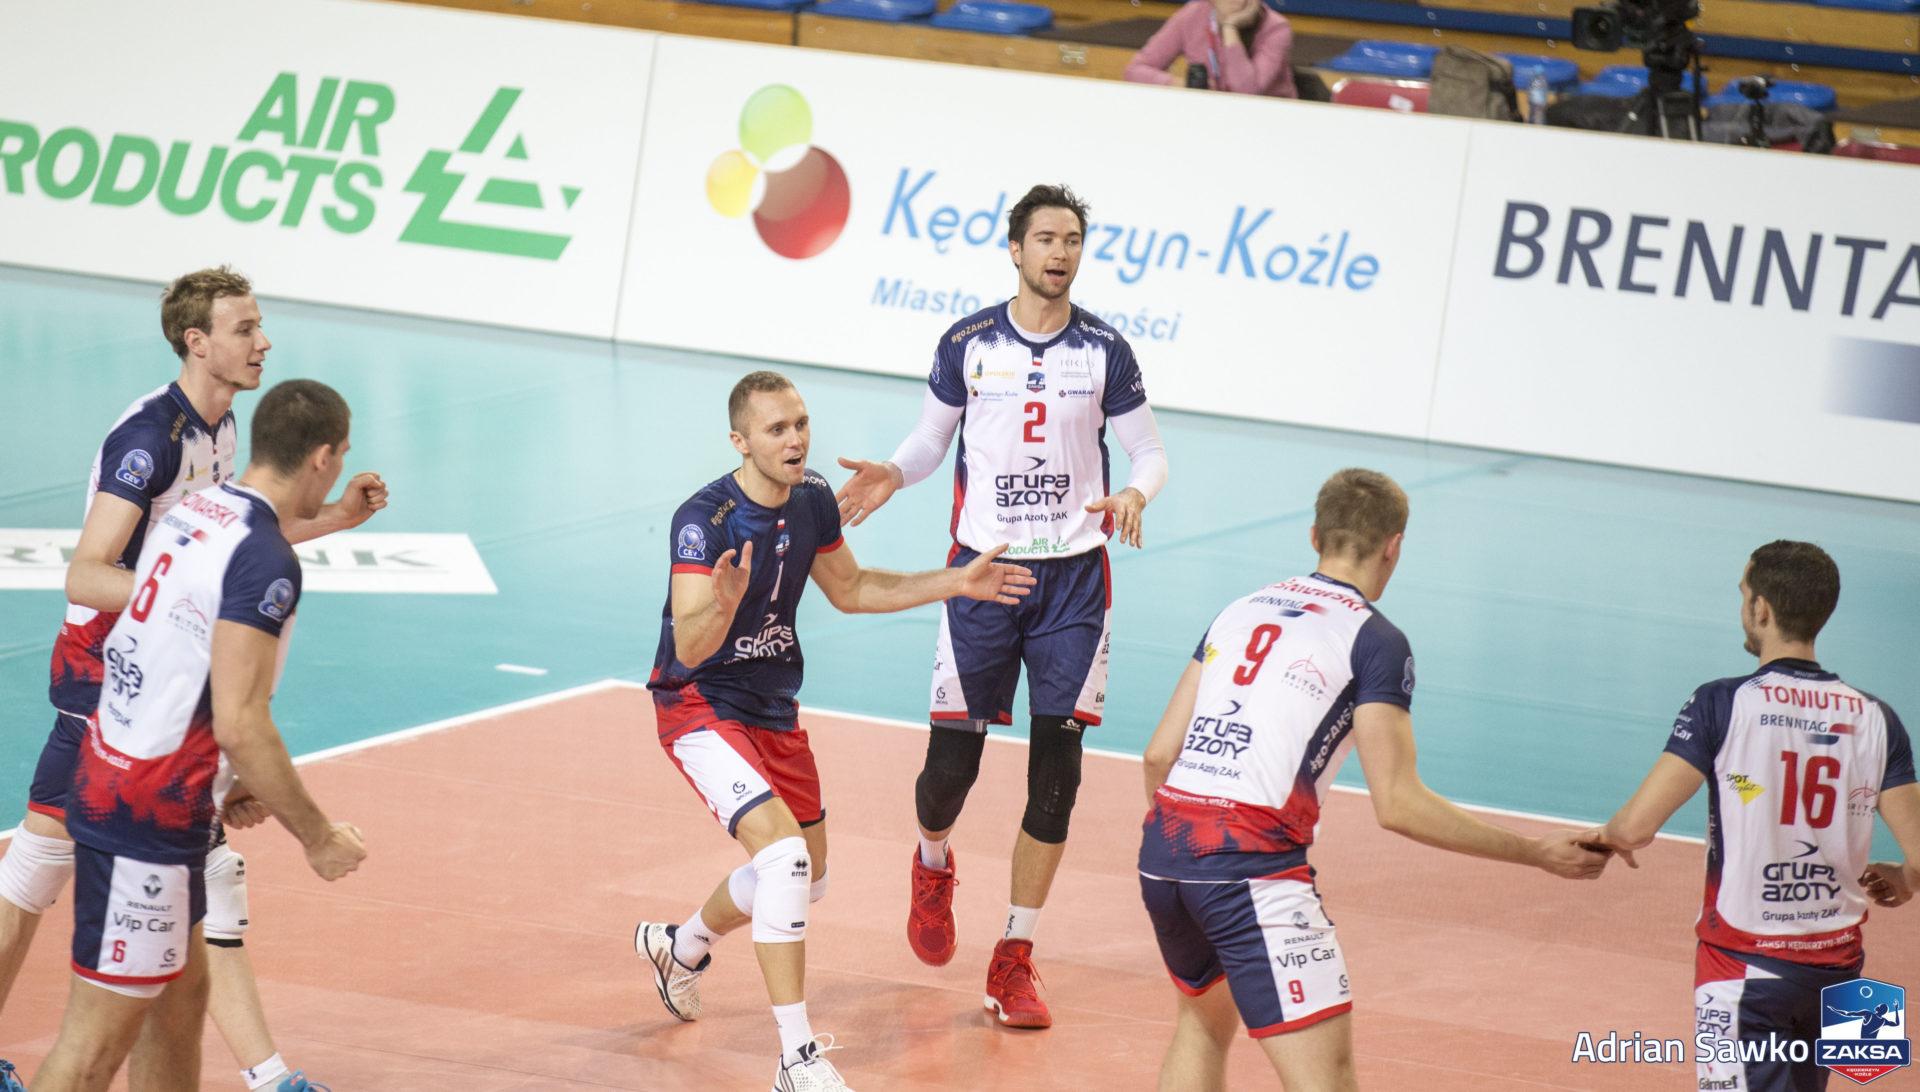 O kolejne ligowe punkty powalczymy w Warszawie